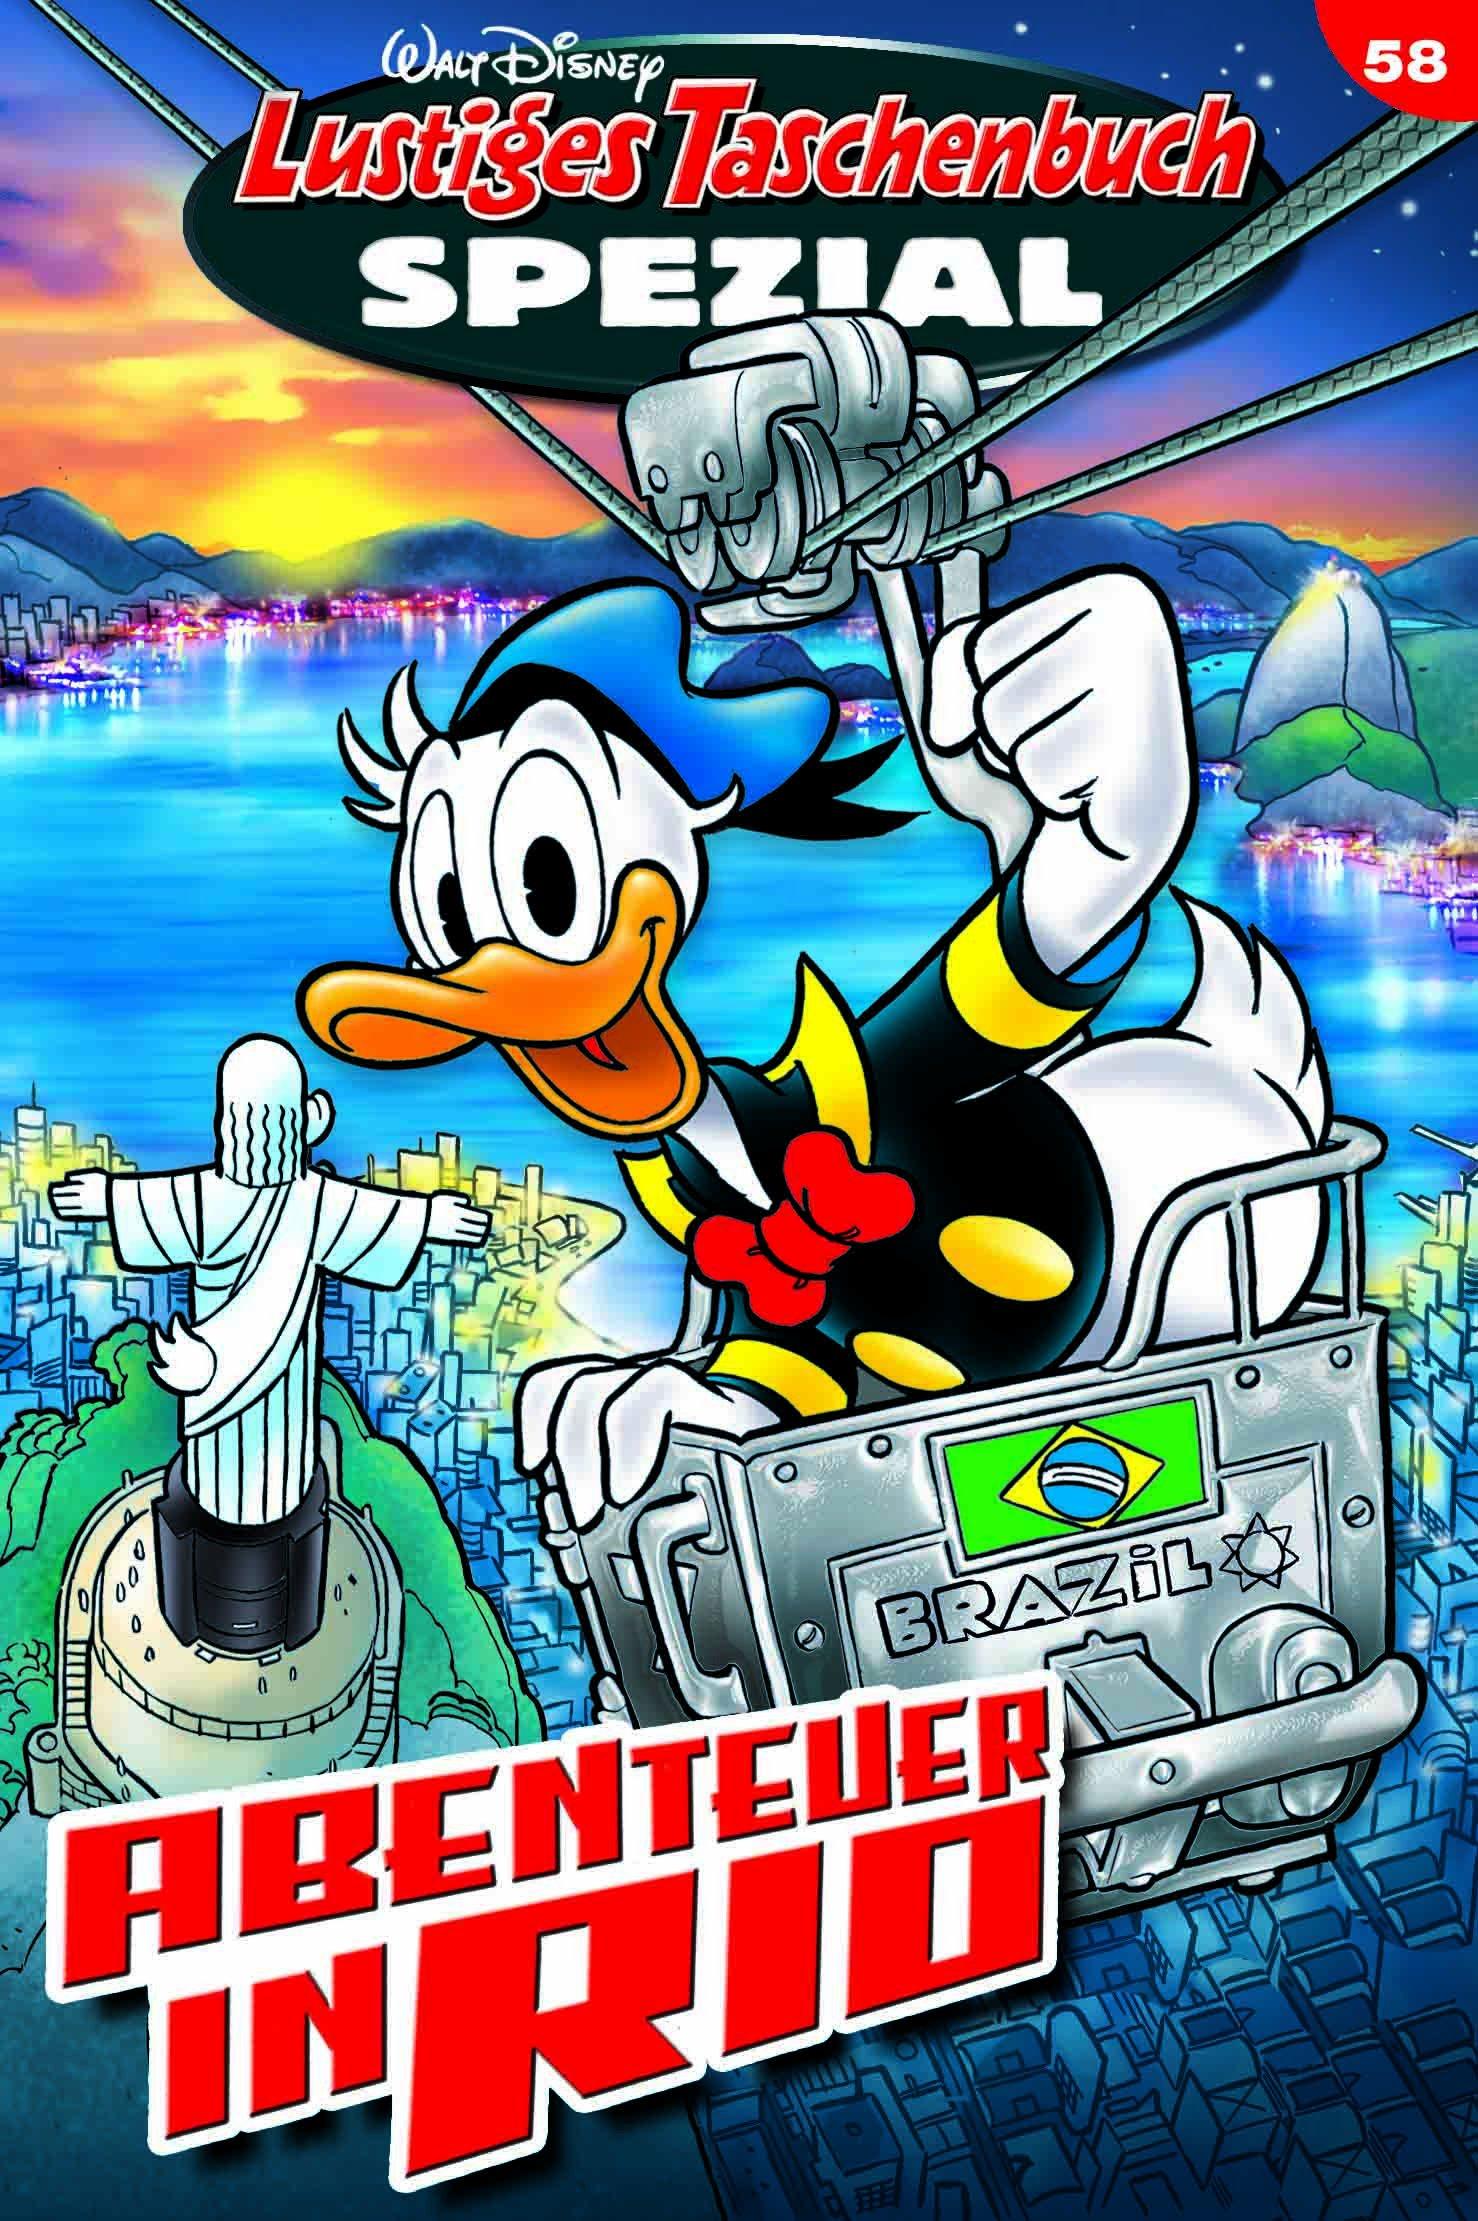 Lustiges Taschenbuch Spezial Band 58: Abenteuer in Rio